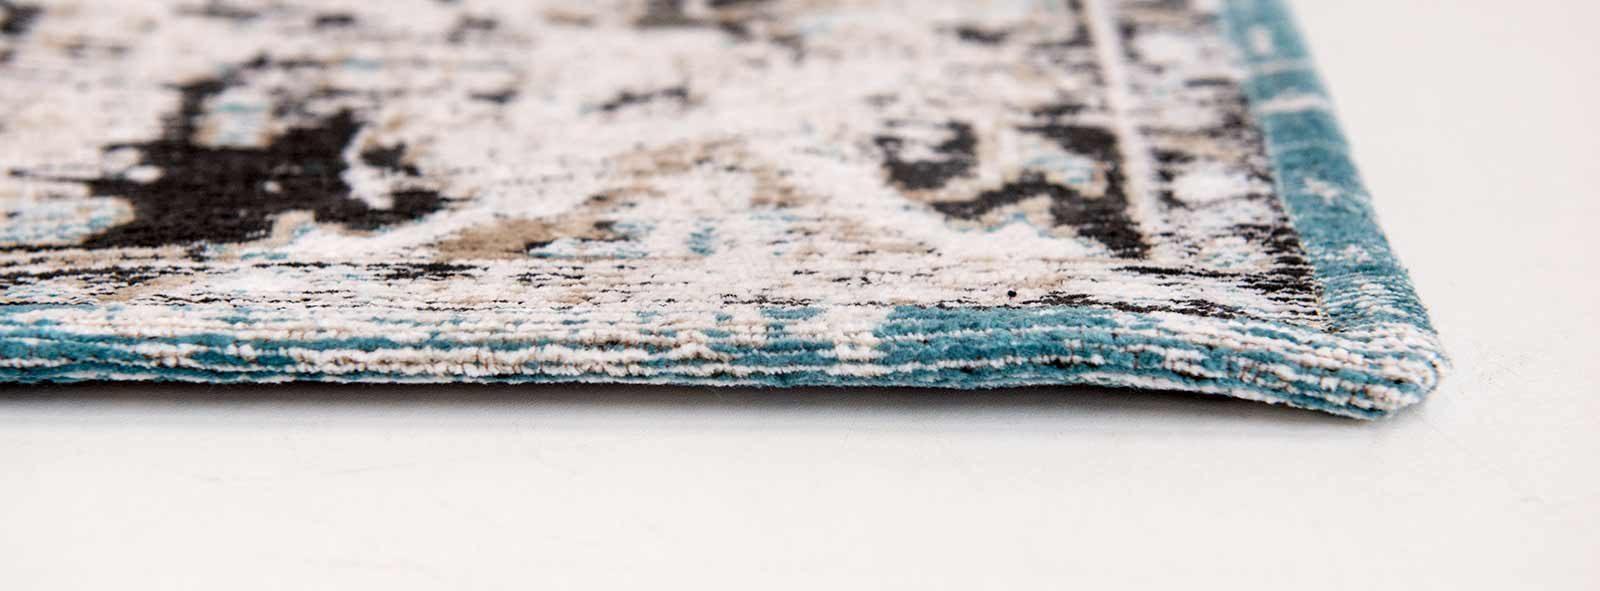 rugs Louis De Poortere LX8708 Antiquarian Antique Heriz Golden Horn Beige side